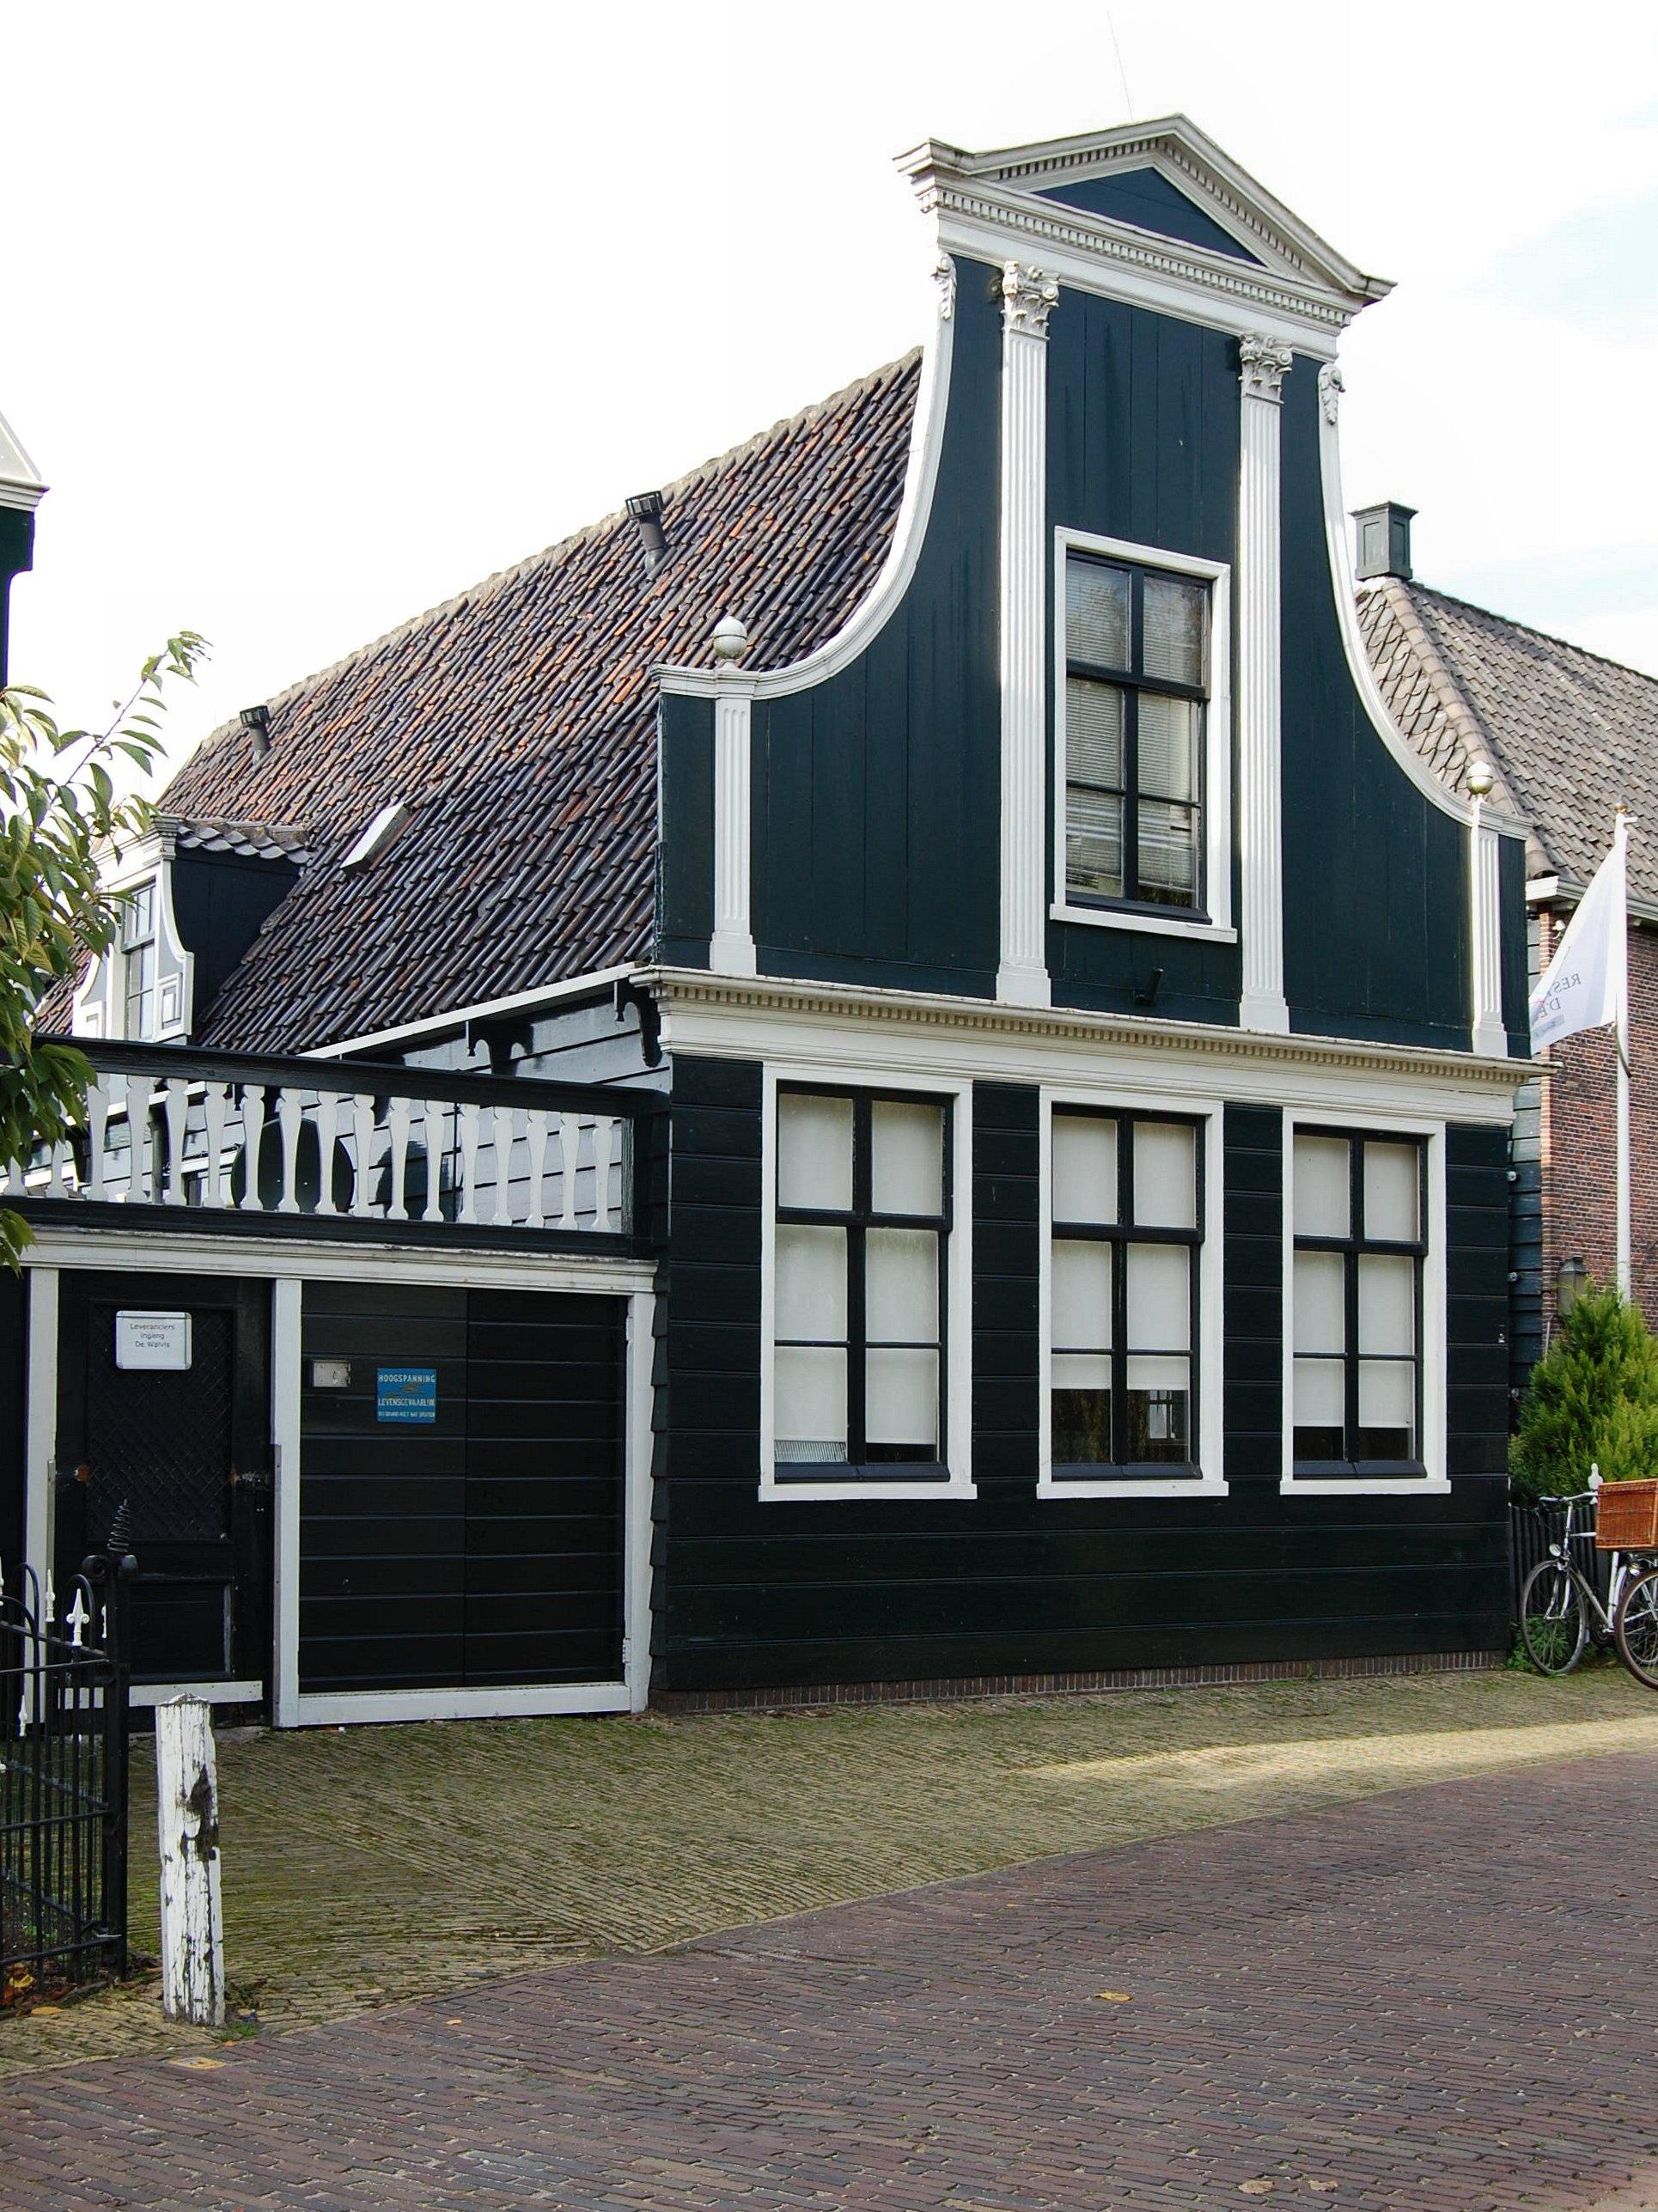 Houten huis met ingezwenkt door een fronton bekroond voorschot dat geleed is door pilasters in - Houten huis ...